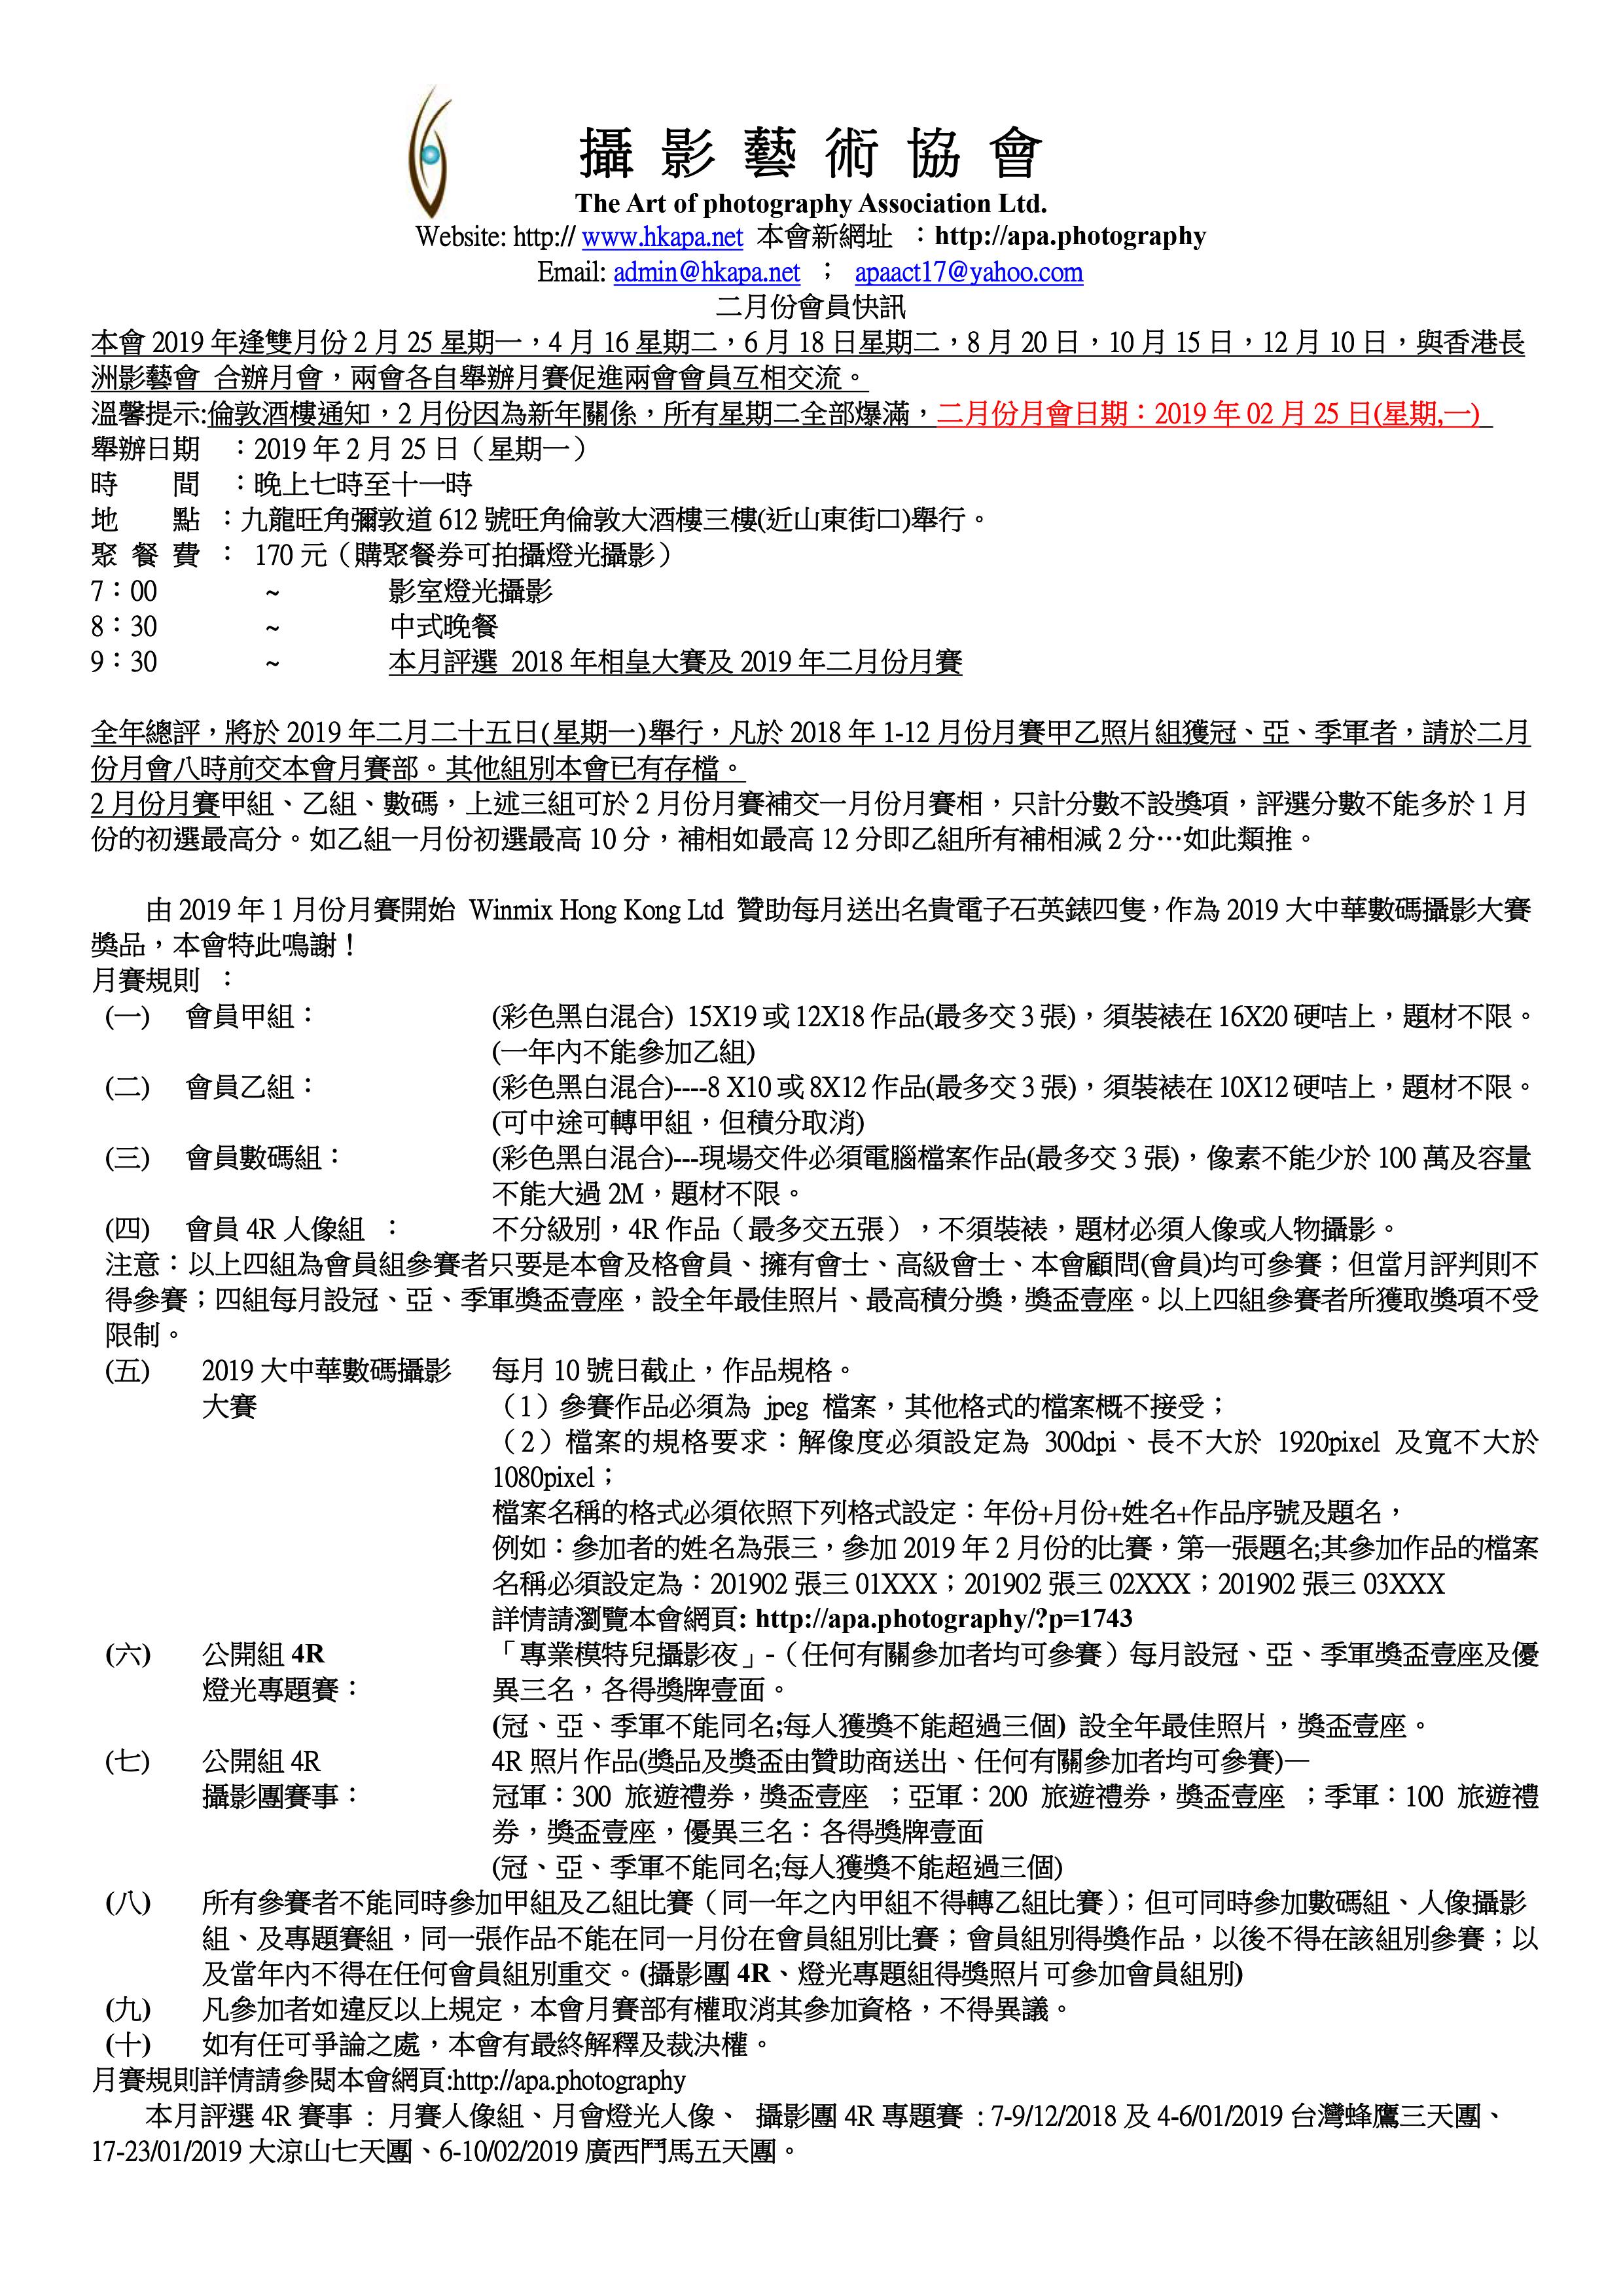 2019年2月份月報快訊